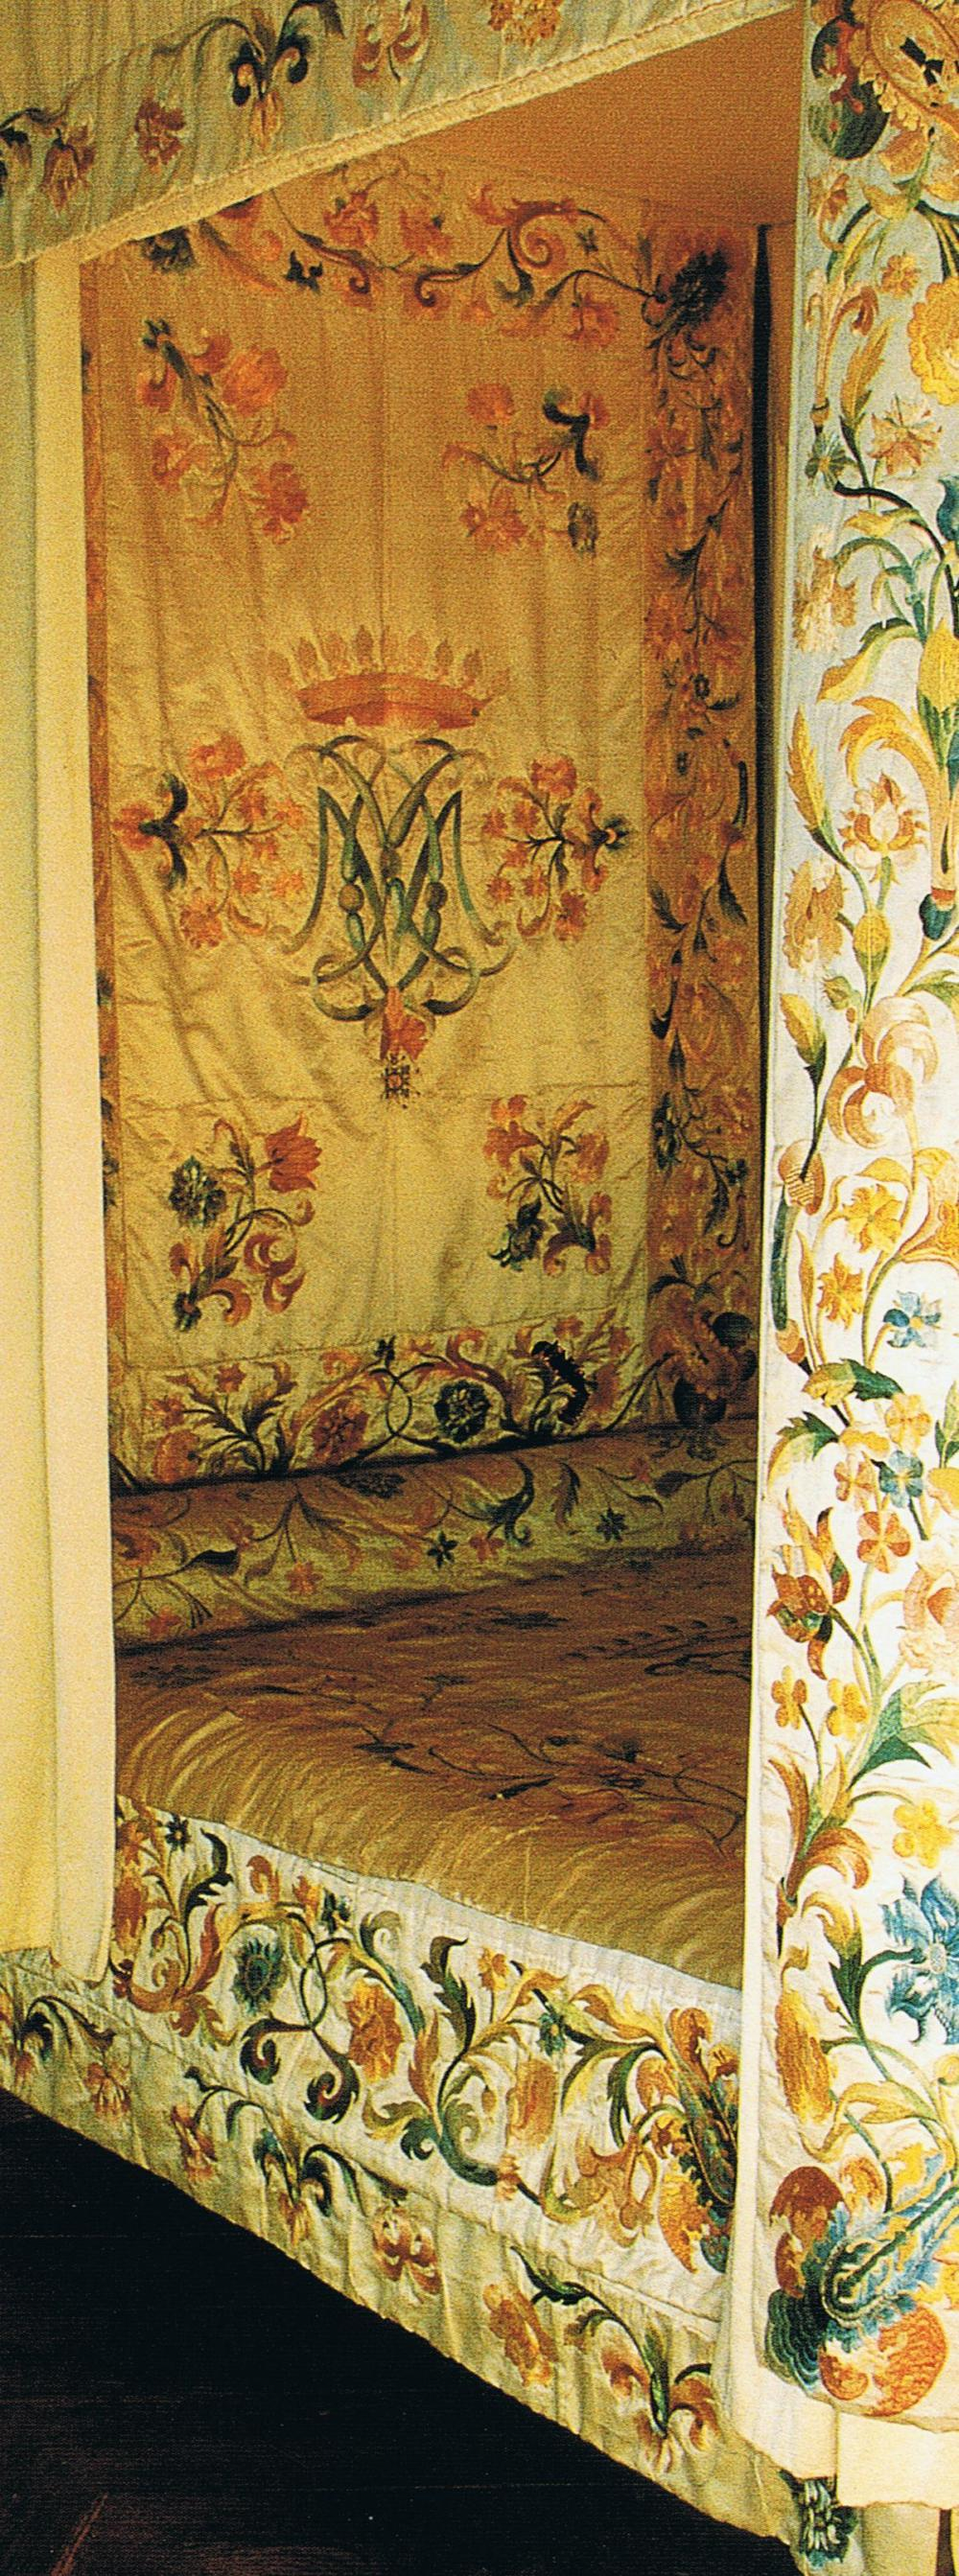 Silk book Filley de la Barre Bed Chateau d'Azay-le0Rideau Trouvais